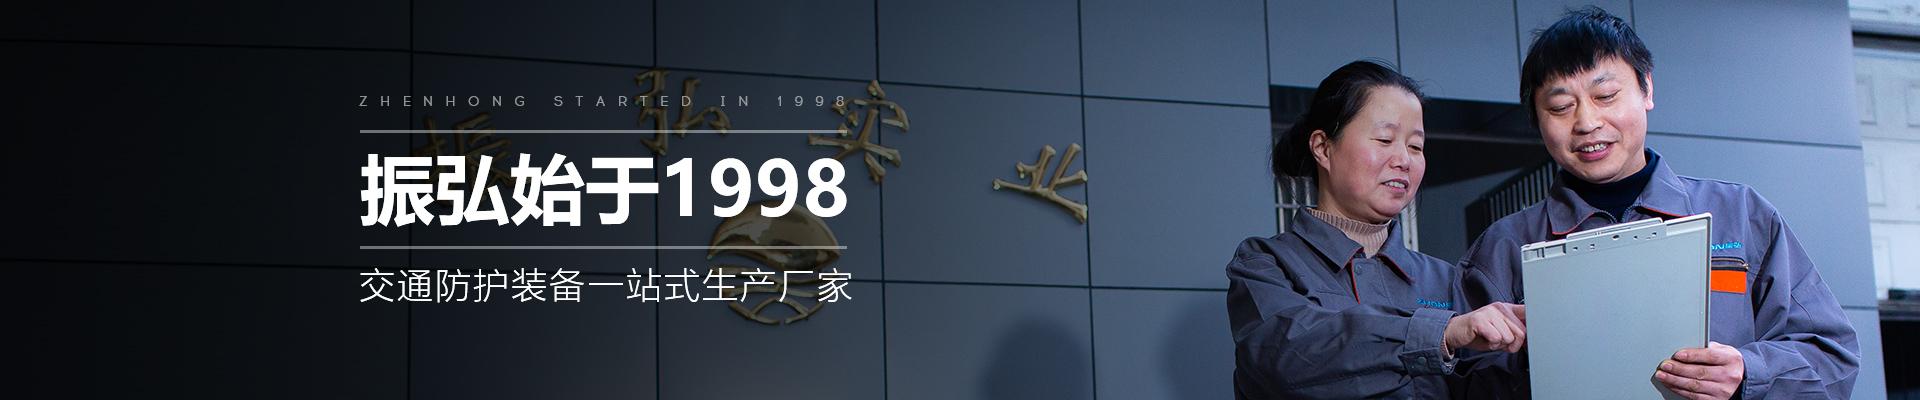 振弘始于1998,交通防护装备一站式生产厂家